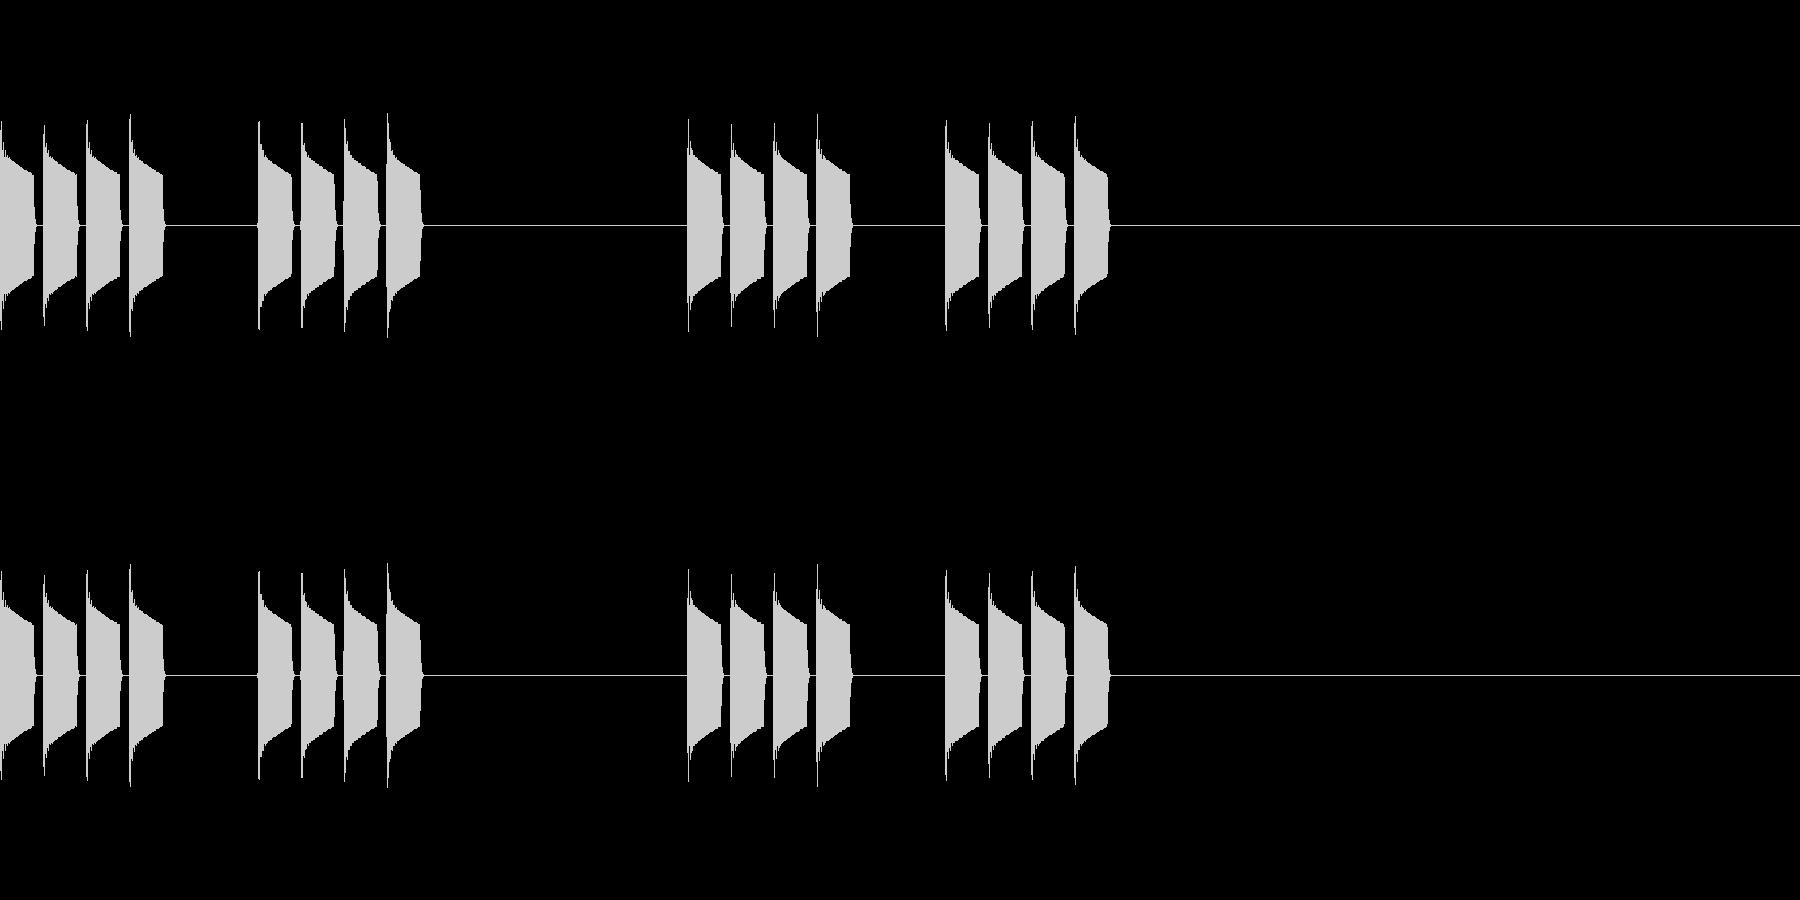 シンプルなアラーム音の未再生の波形